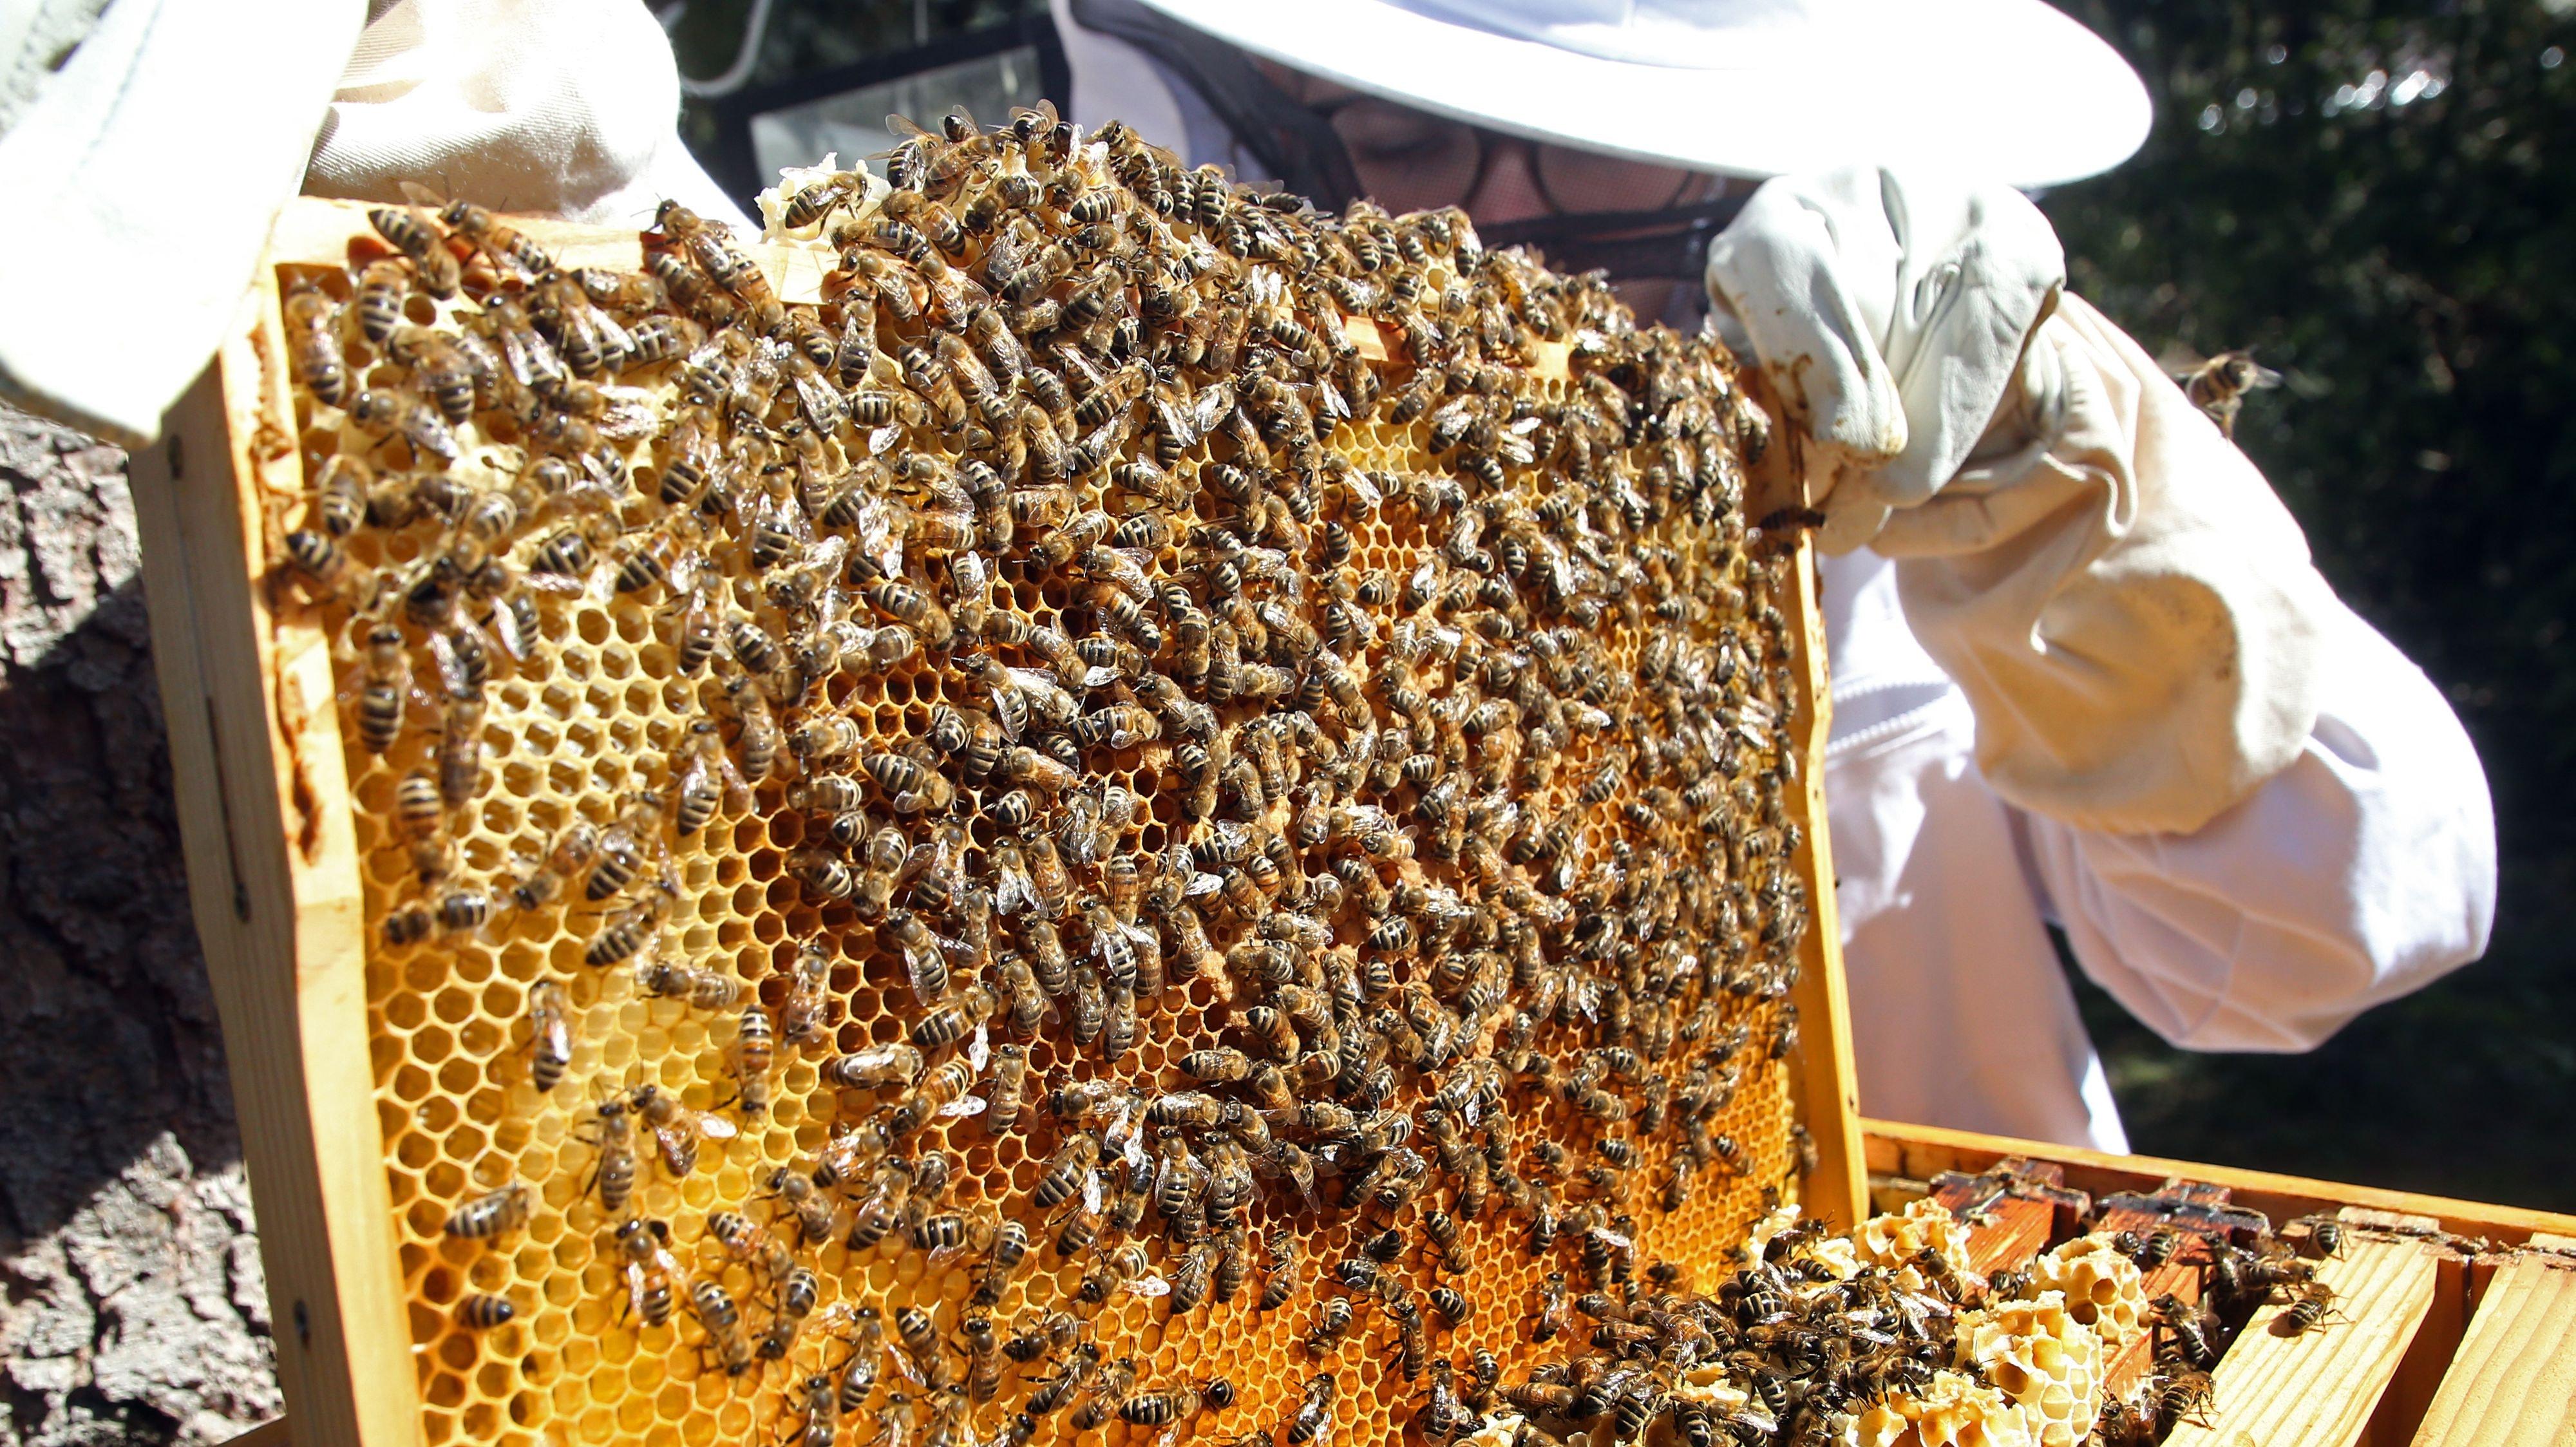 Kontrolle ist wichtig: Das gilt nicht nur für Bienenvölker, sondern auch für Imker. Davon sind die Fraktionen von CDU und SPD im Landtag überzeugt. Foto: dpa/Kumm